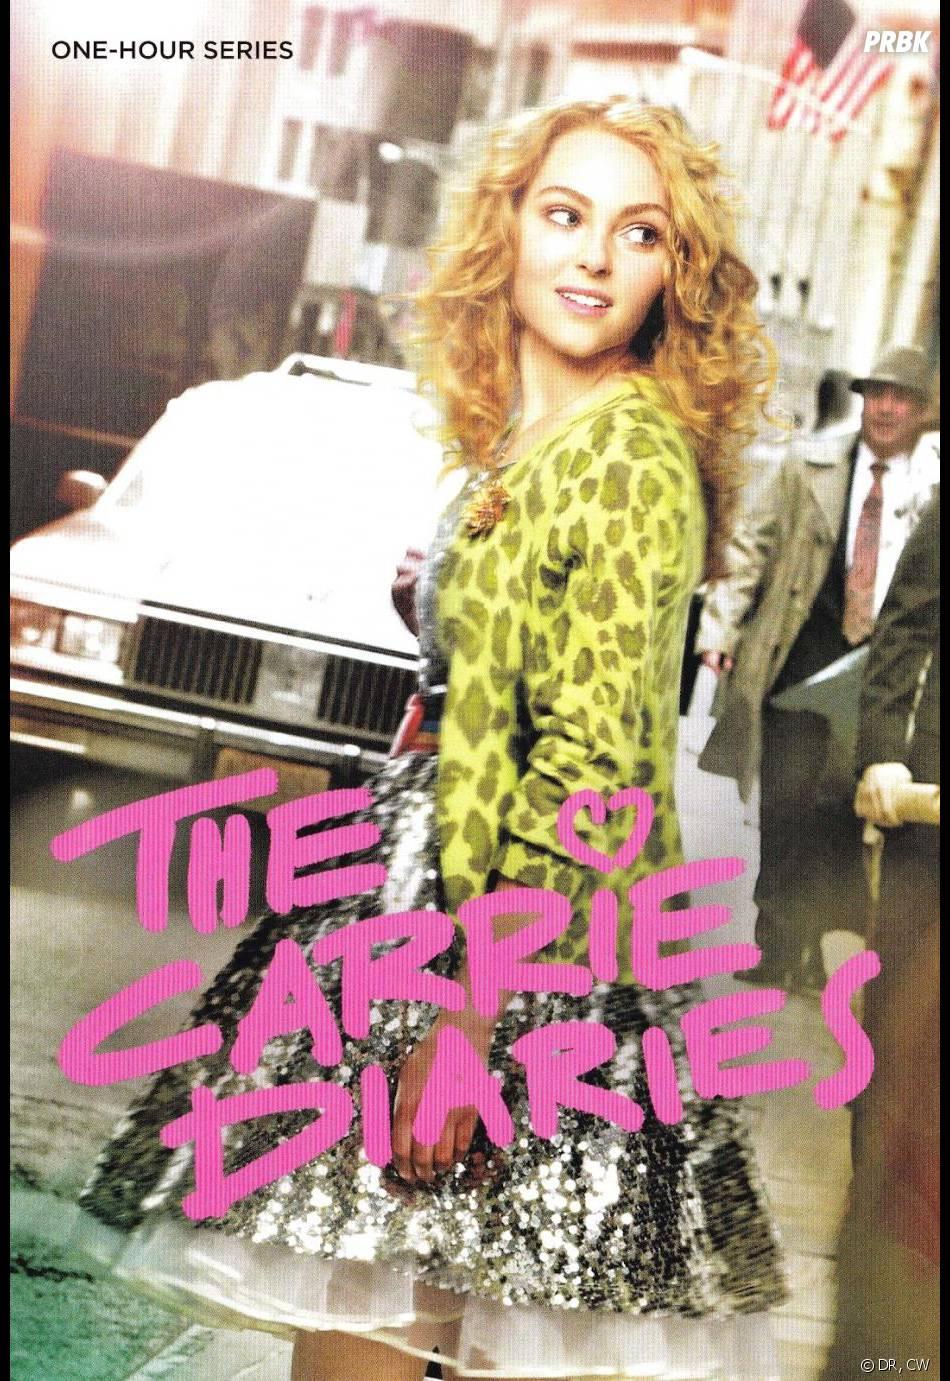 The Carrie Diaries revient avec sa saison 2 dès le 25 octobre sur la CW